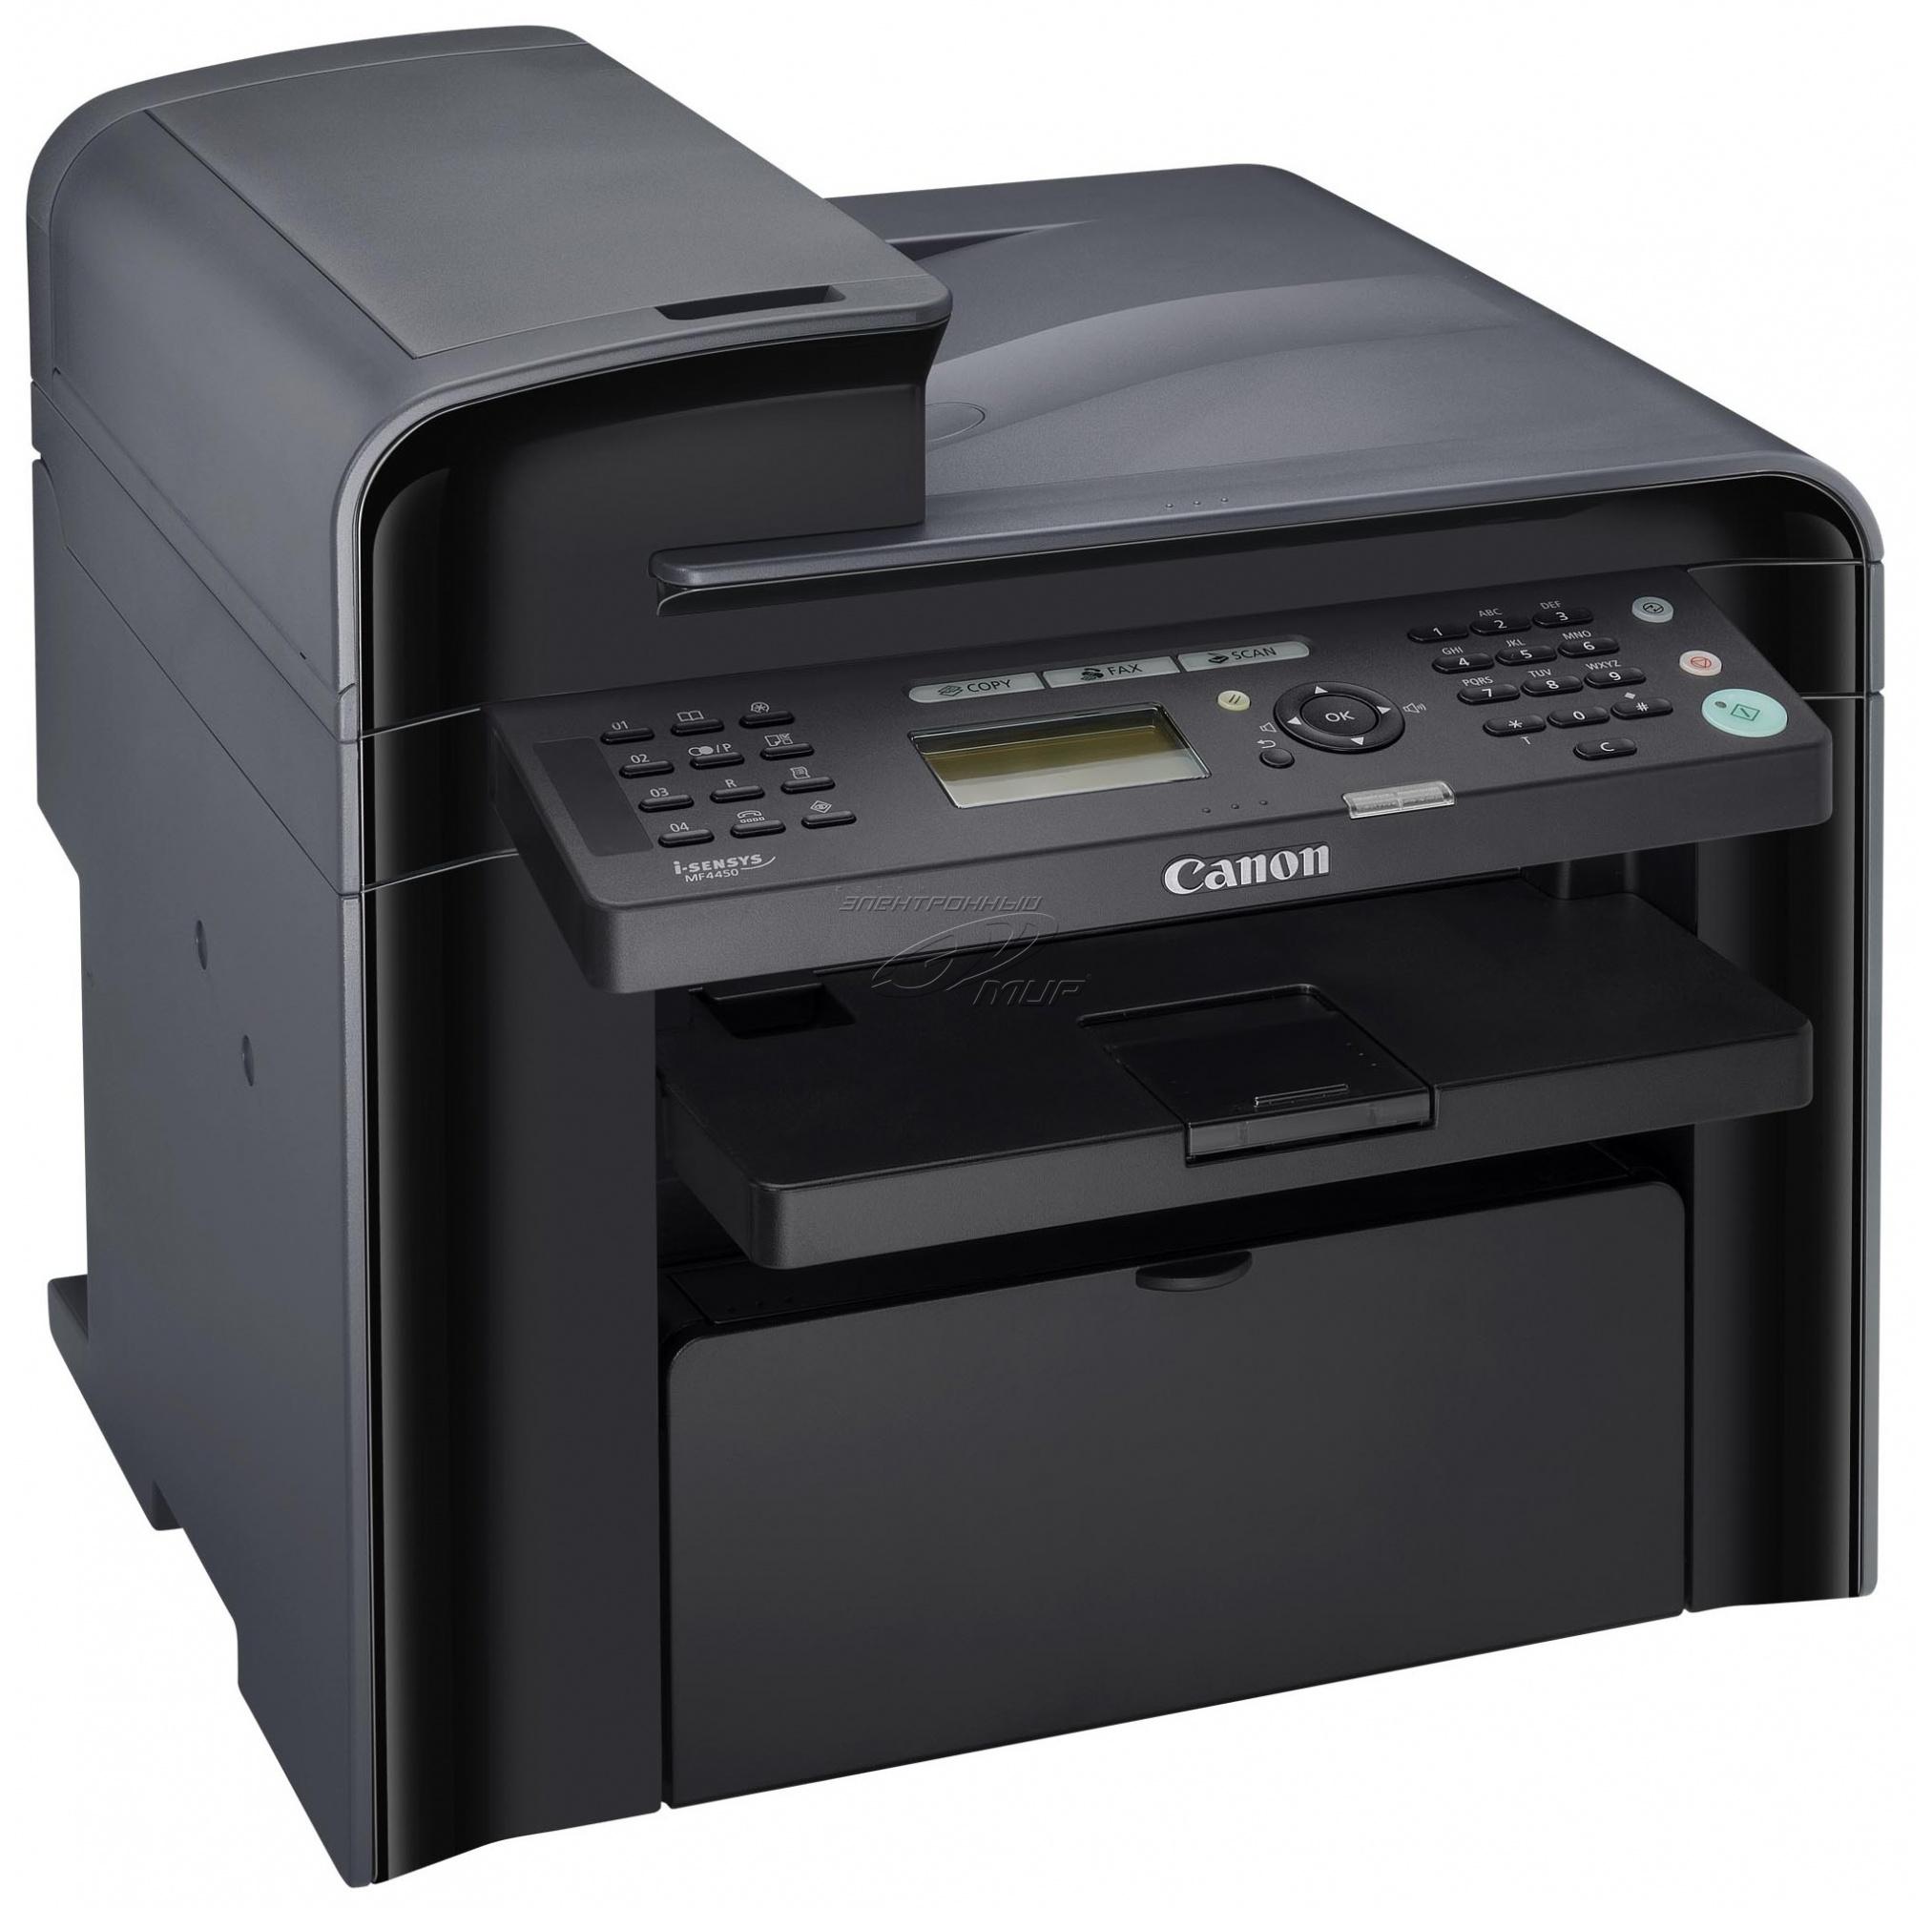 принтера скачать драйвера для mf4140 canon